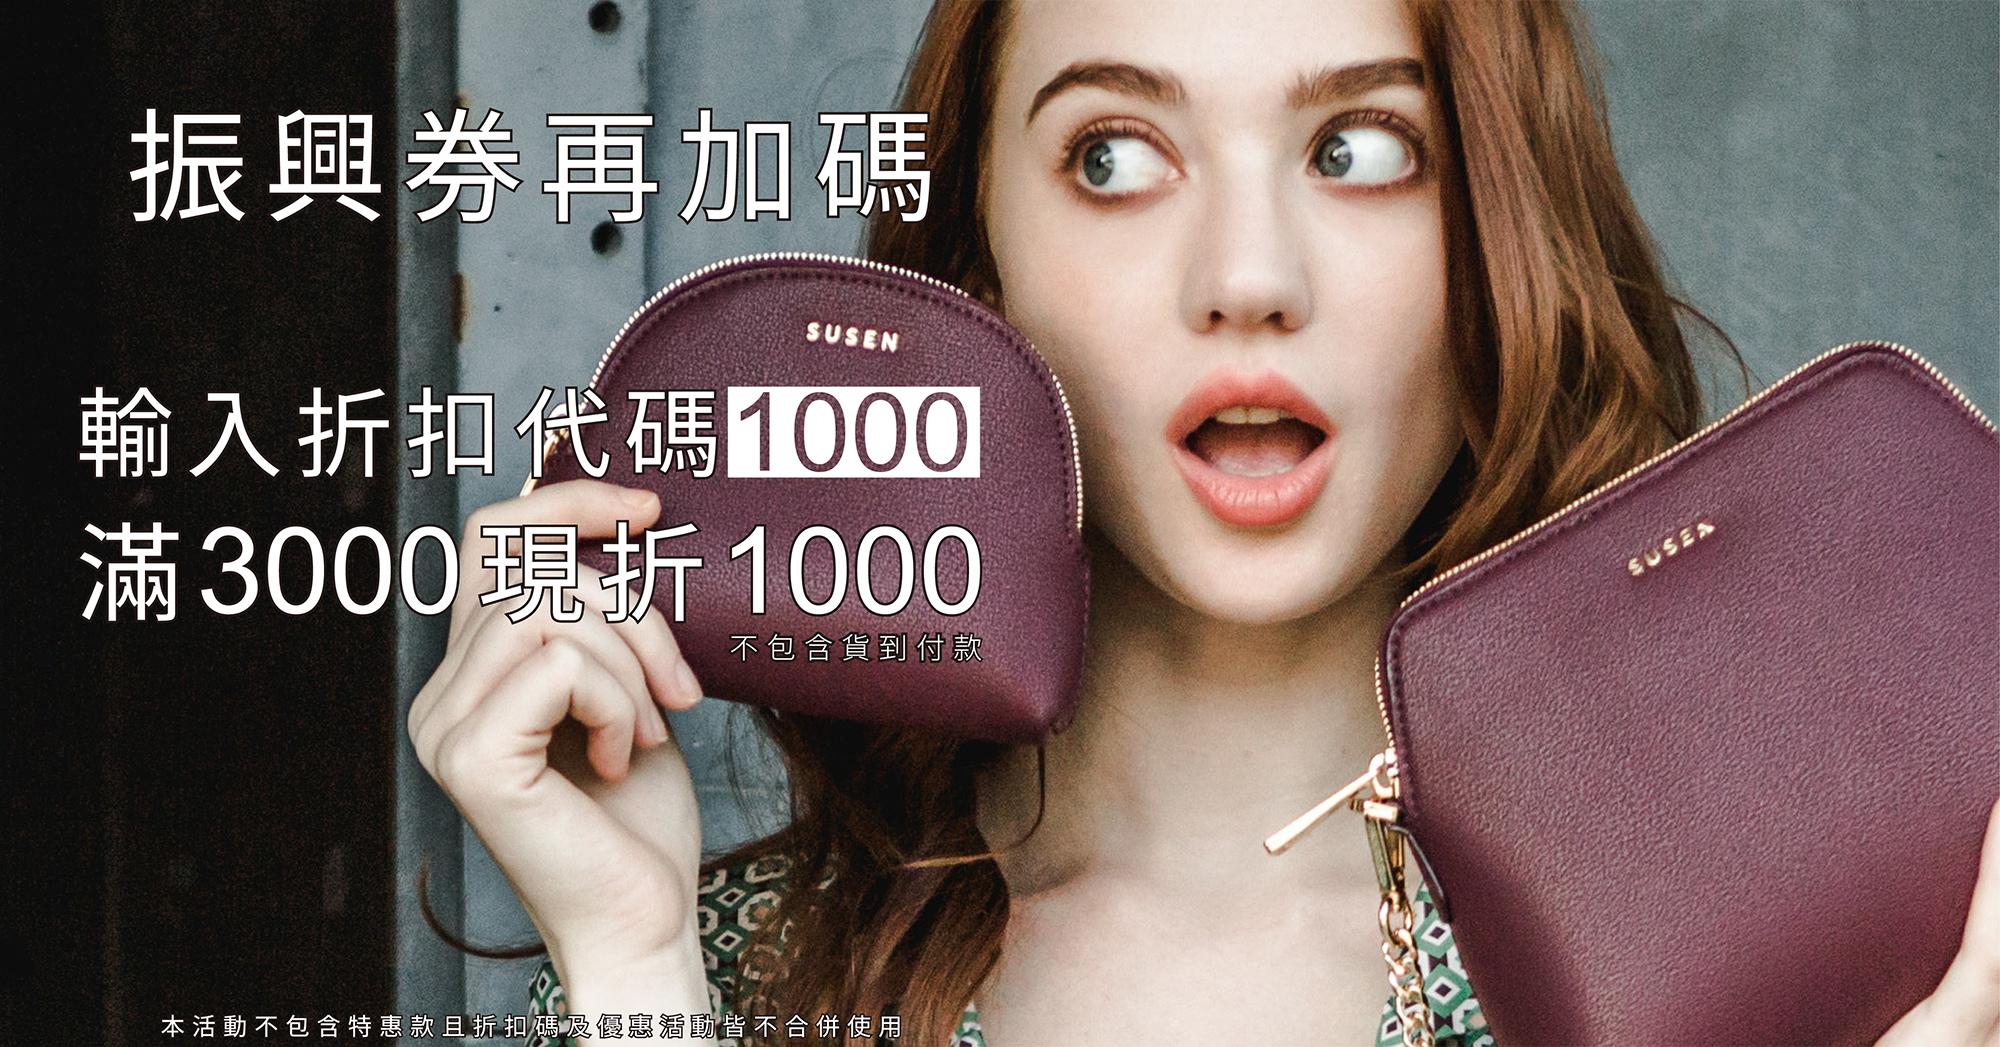 SUSEN杜拜精品女包   官網限定 振興券再加碼 輸入折扣碼「1000」 滿3000現折1000 不包含貨到付款且優惠活動皆不合併